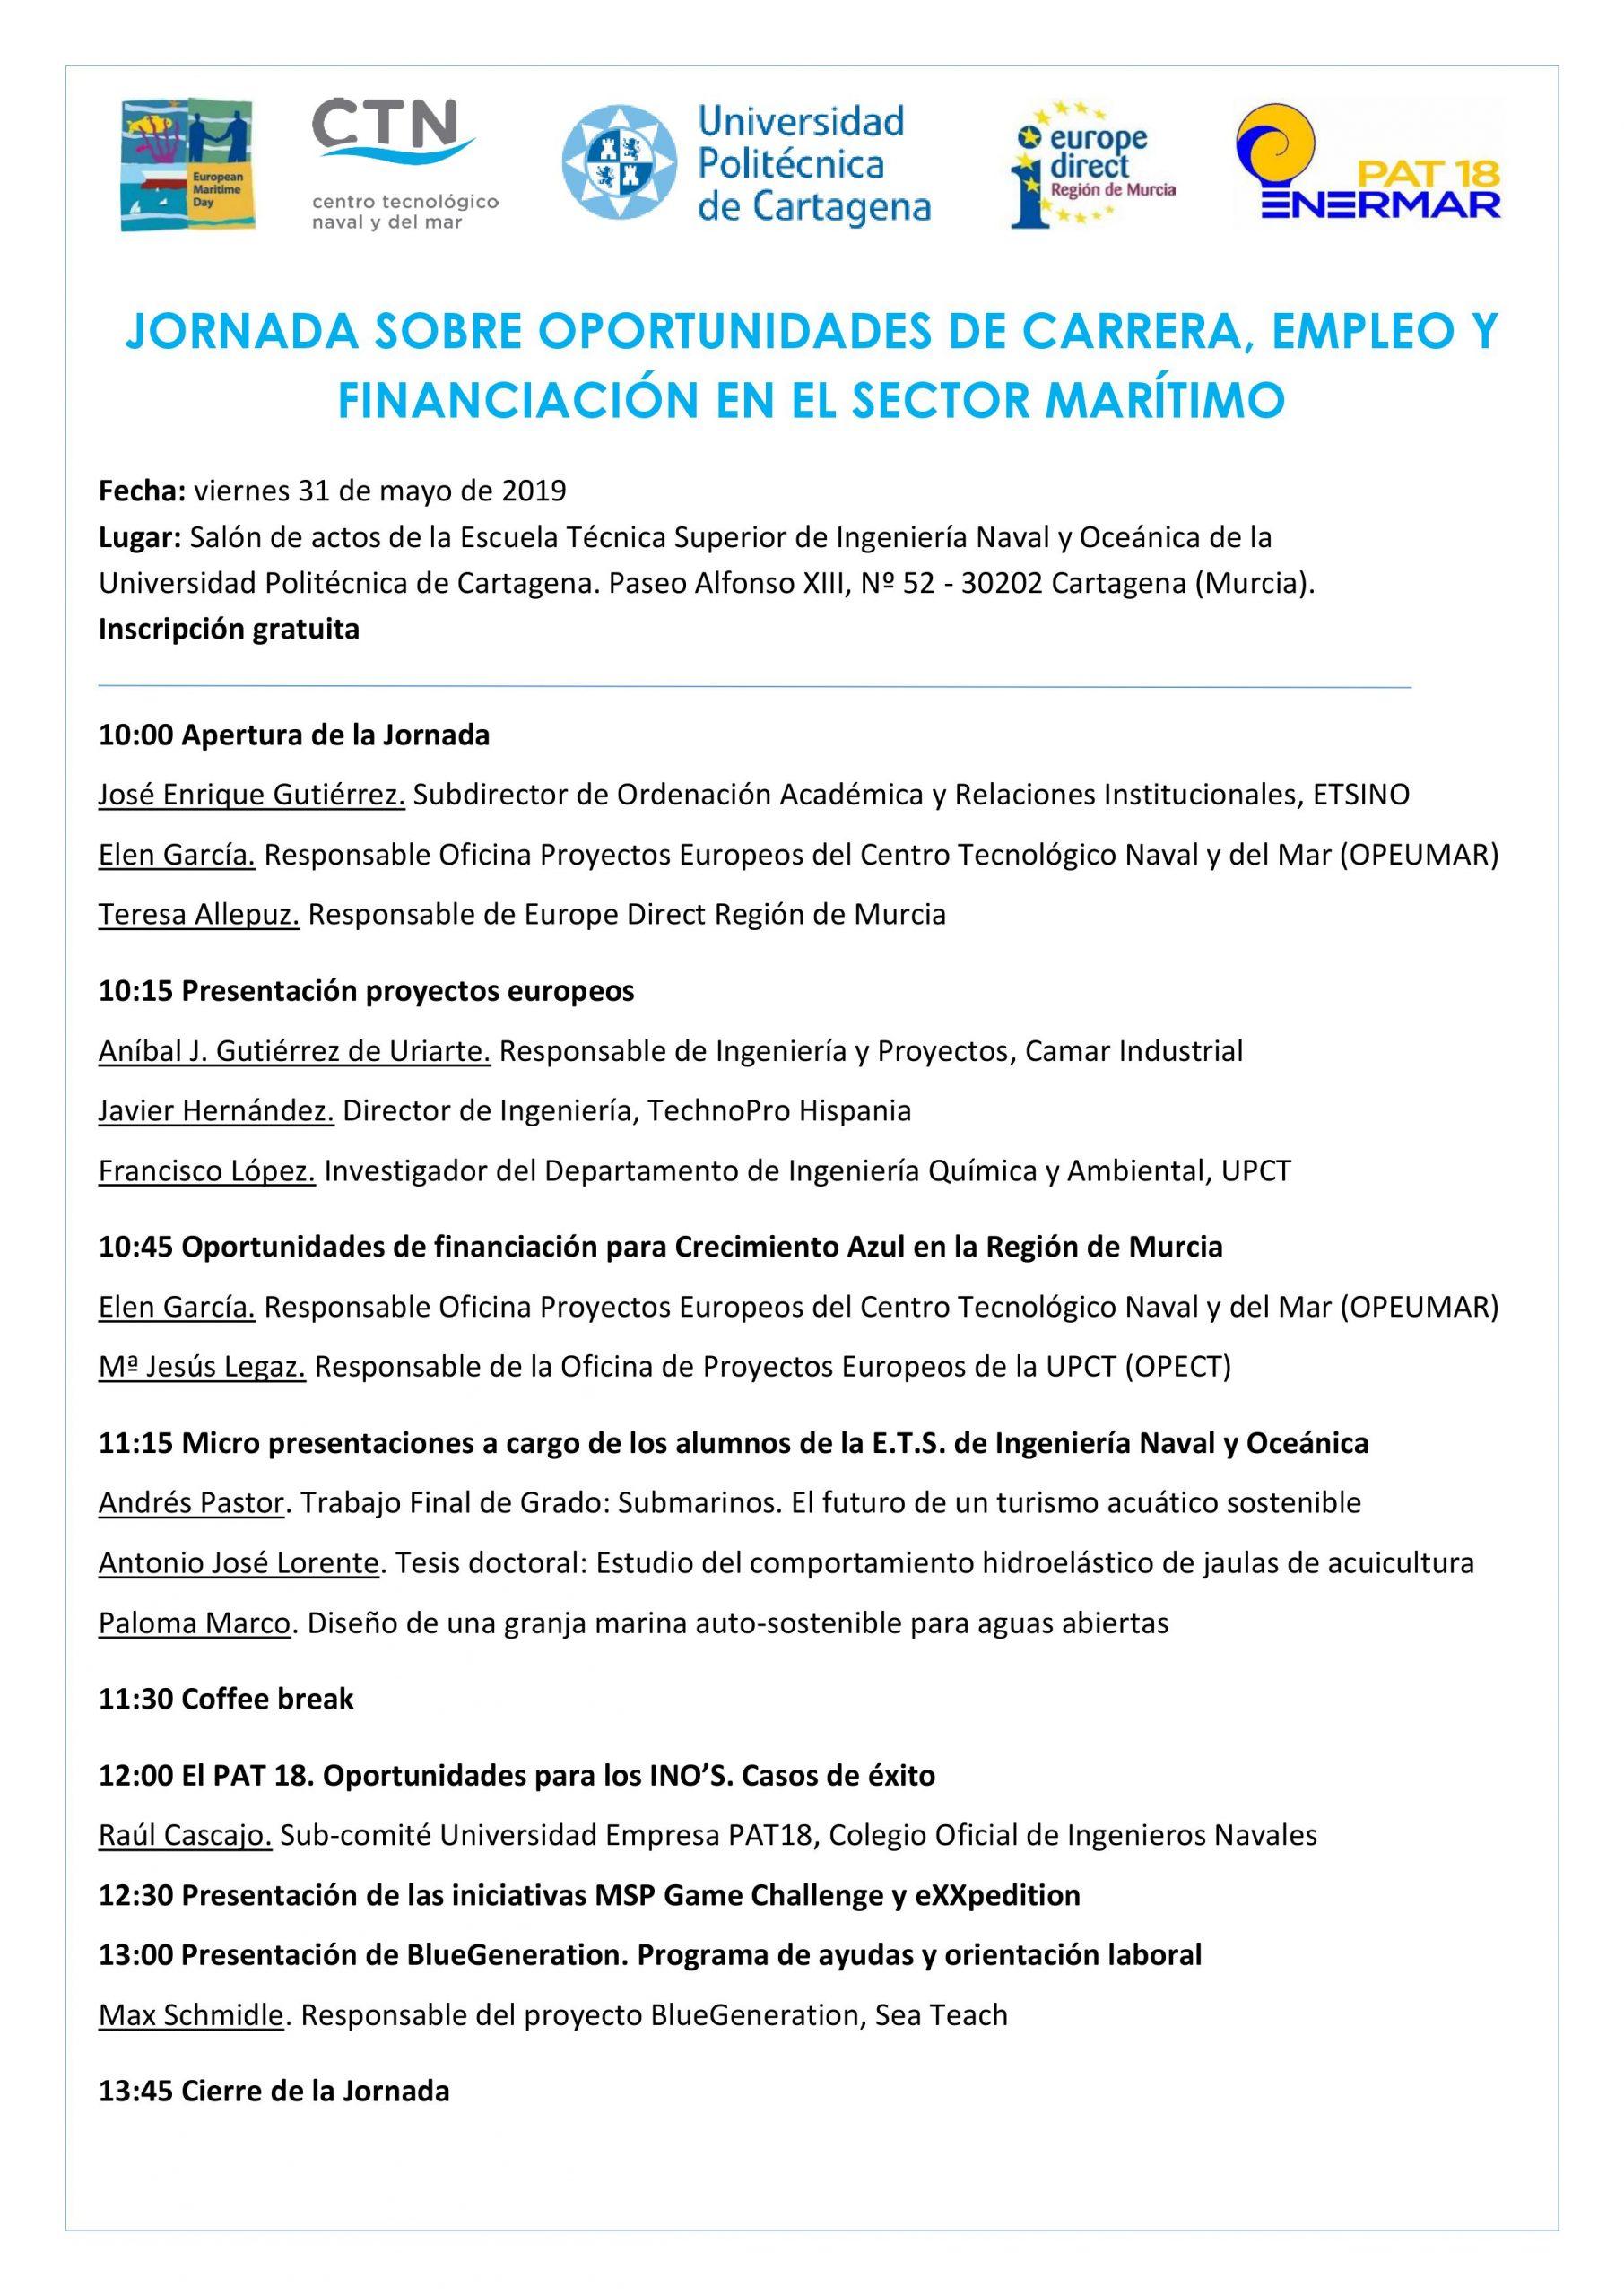 Programa Jornada carrera, empleo y financiación en el sector marítimo